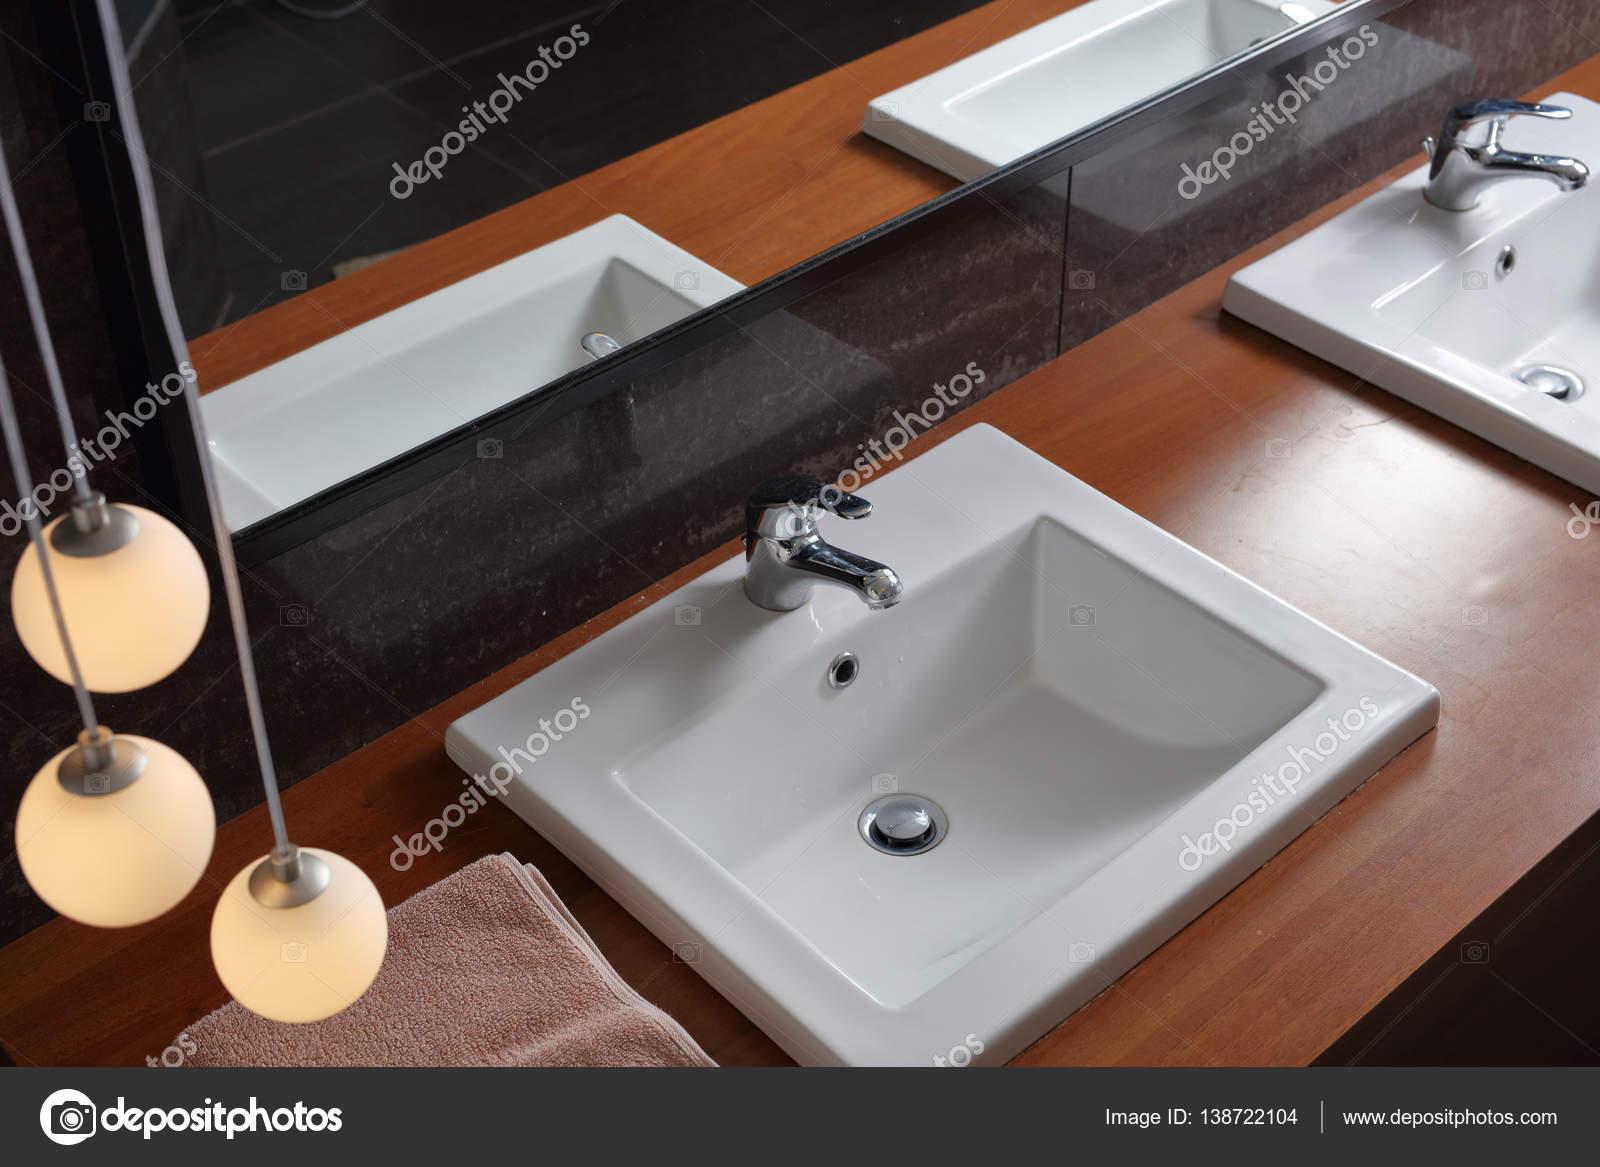 Badkamer wastafel wastafels. sanitair modern minimalistisch design